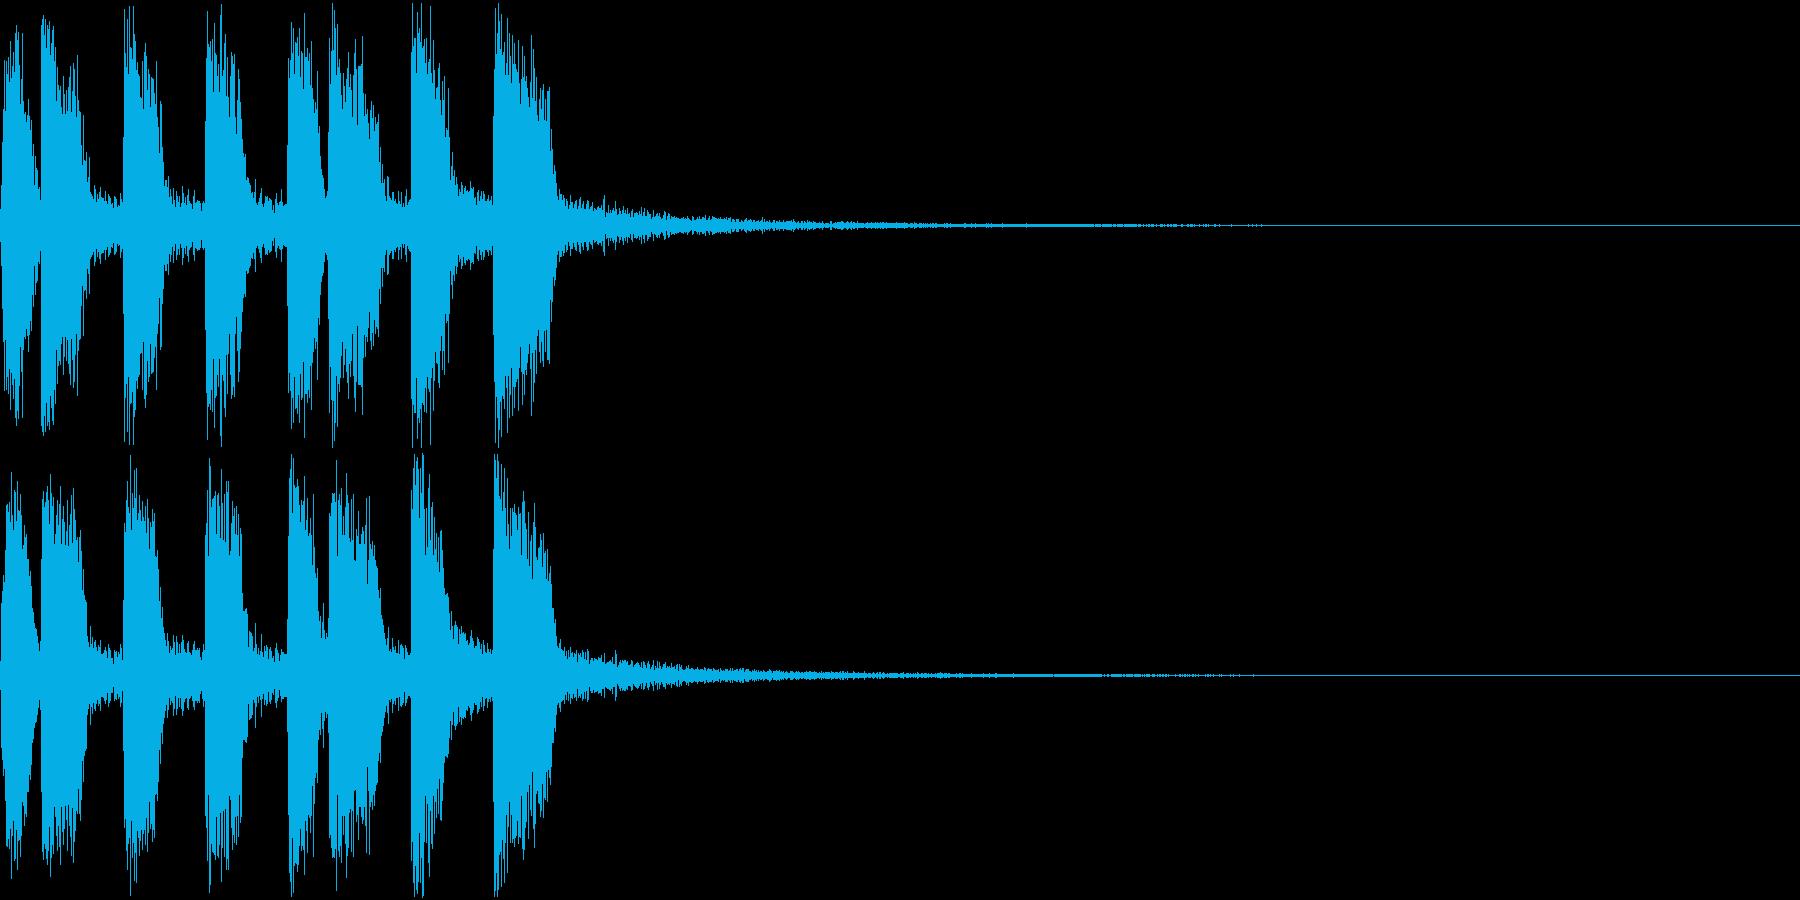 アイテム ファンファーレ ゲット音 3の再生済みの波形